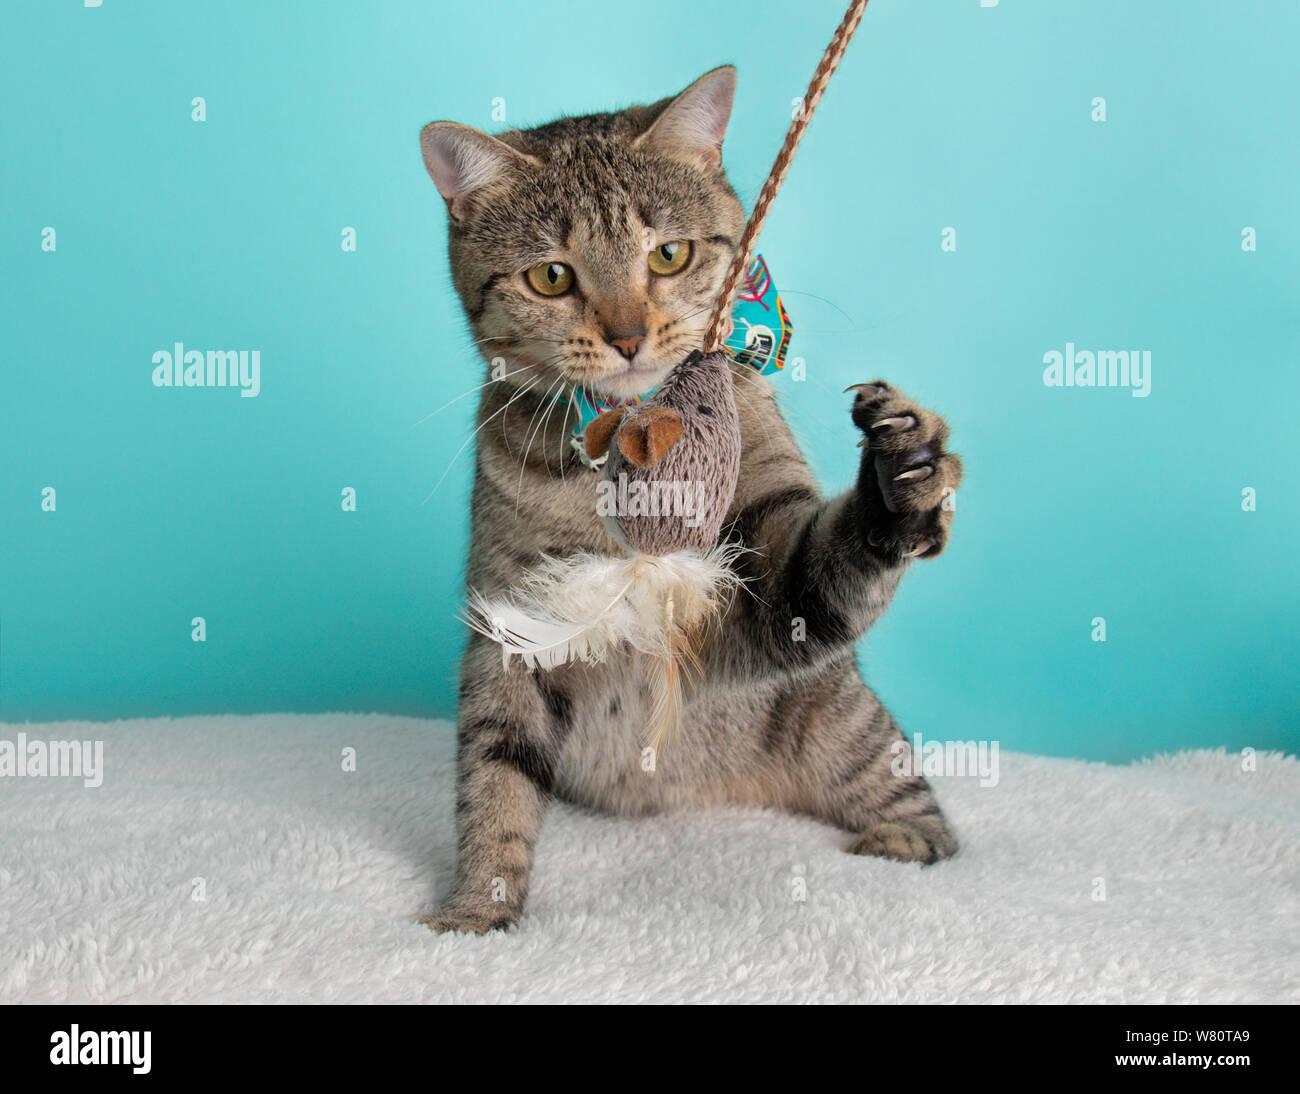 Carino giovane Tabby Cat indossando Blu Arancione Bow Tie ritratto in Costume seduta cercando la riproduzione di Mouse azione giocattolo blu e Sfondo bianco Foto Stock